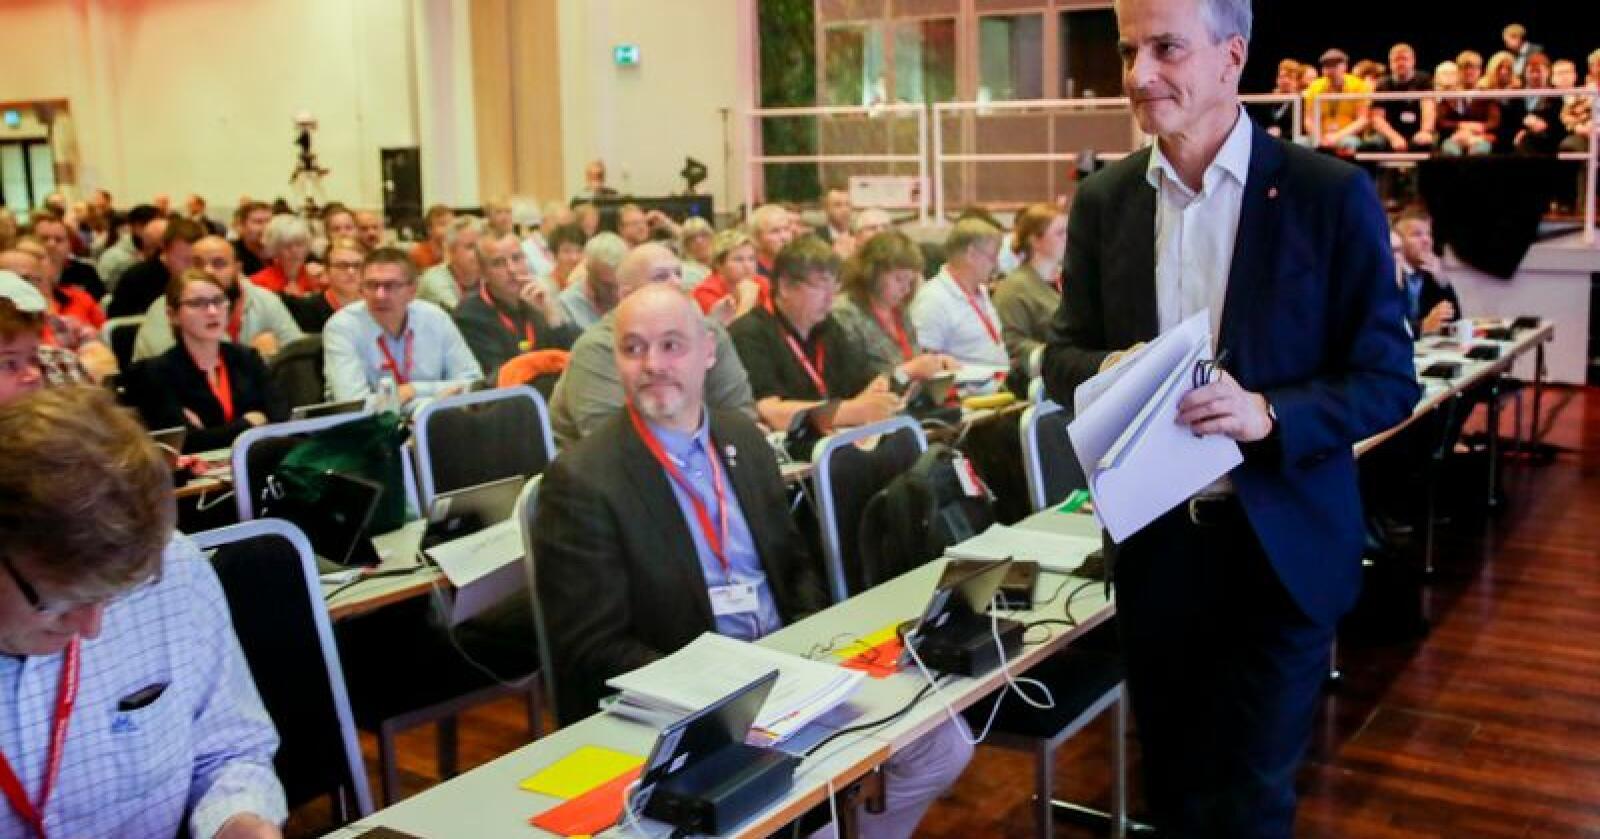 Ap-leder Jonas Gahr Støre var tirsdag på Arbeiderpartiets landsmøte for å samle støtte til EØS-avtalen, men fikk i stedet med seg krass kritikk om partiets kurs.Foto: Vidar Ruud / NTB scanpix